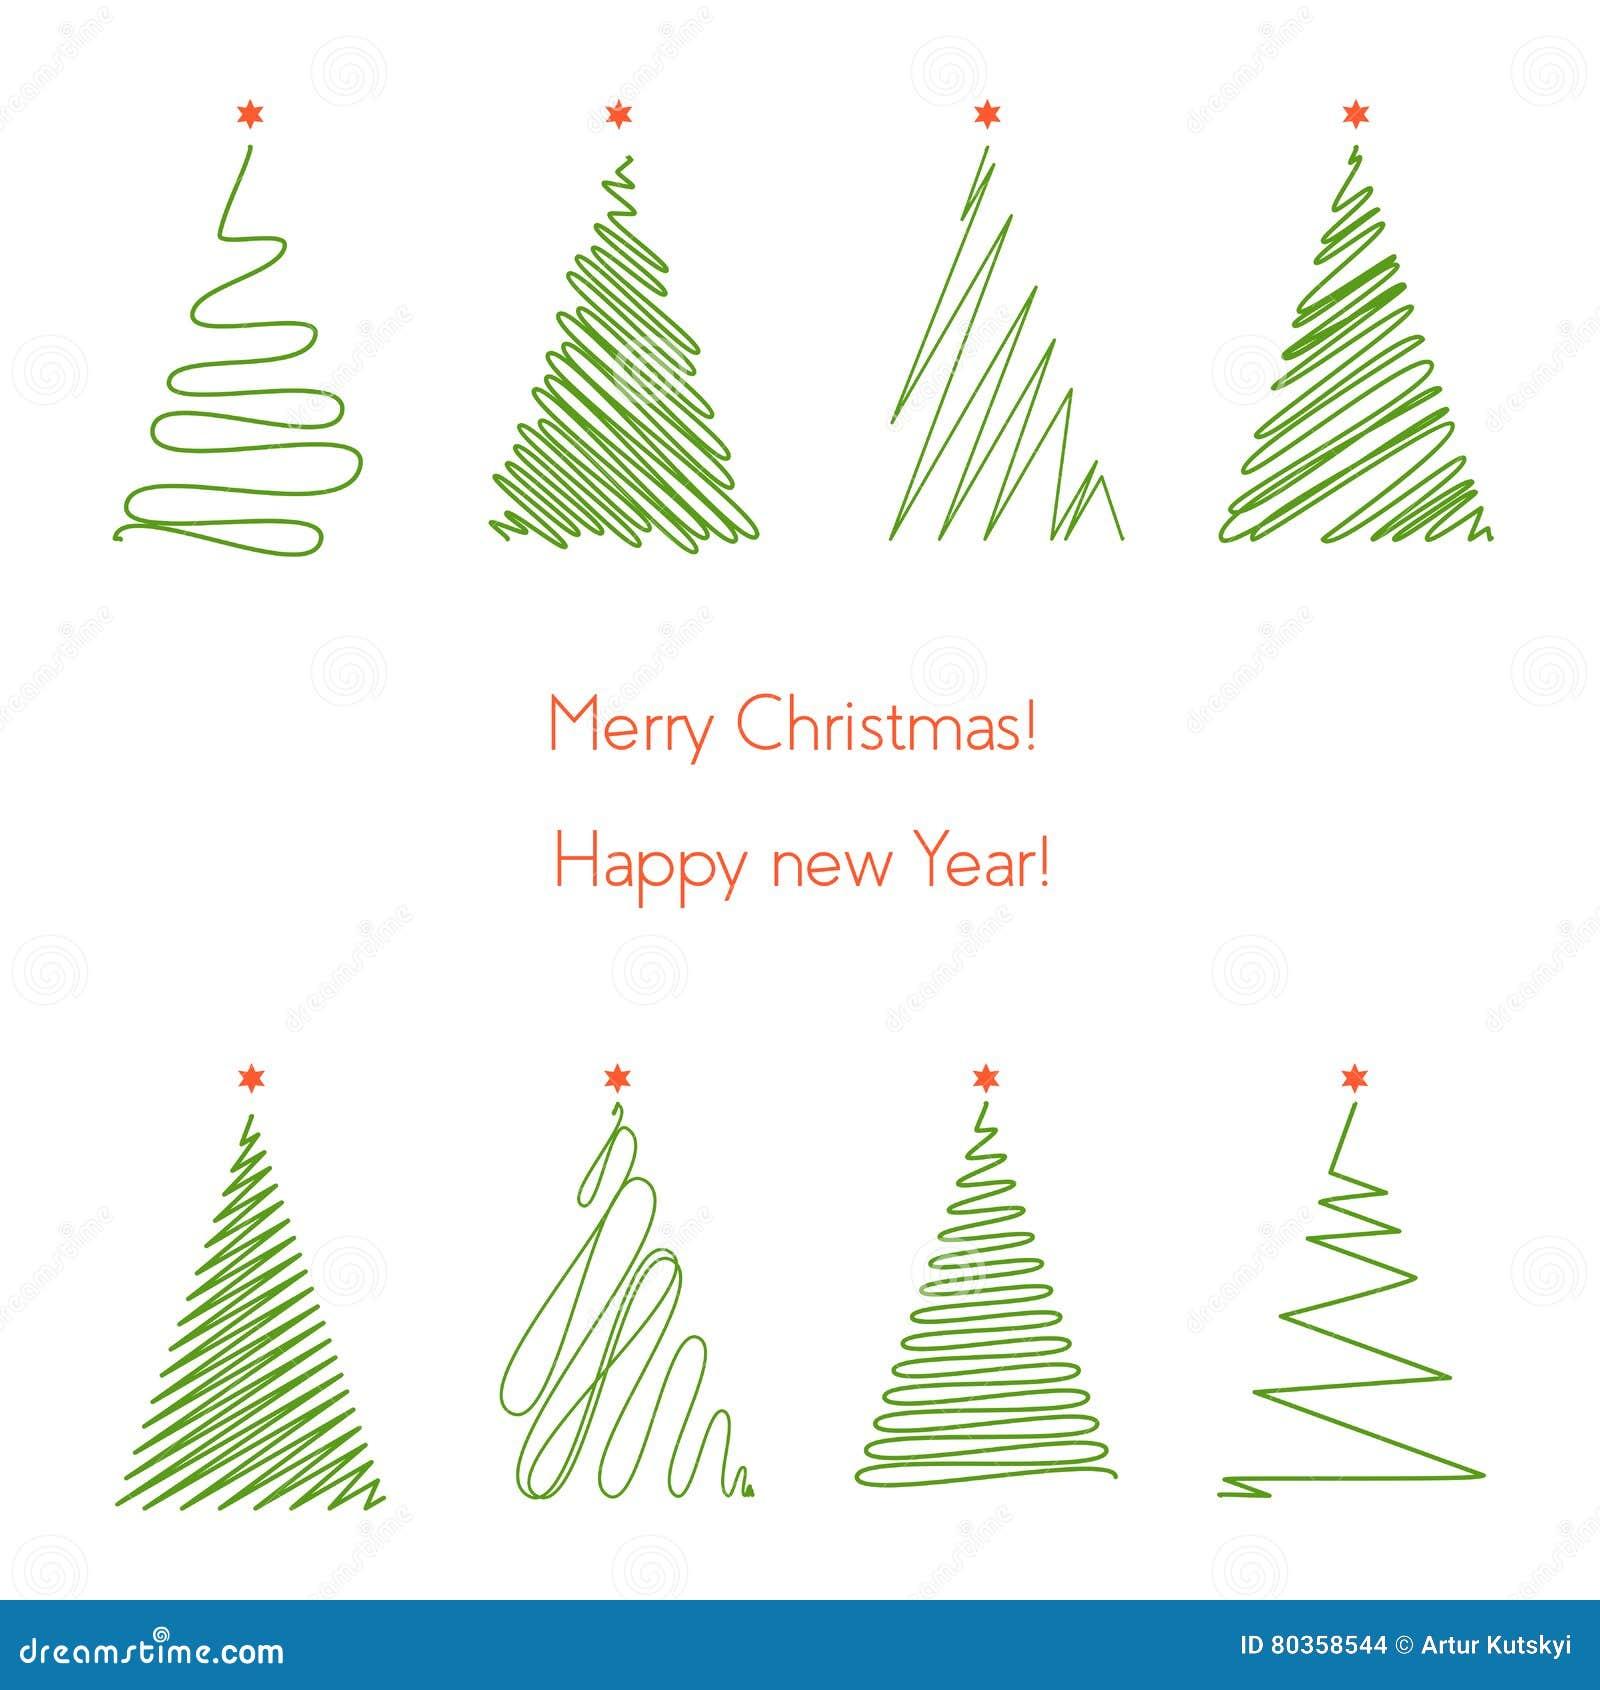 perfect rboles de navidad fijados lnea rbol de navidad del dibujo de la mano del grfico